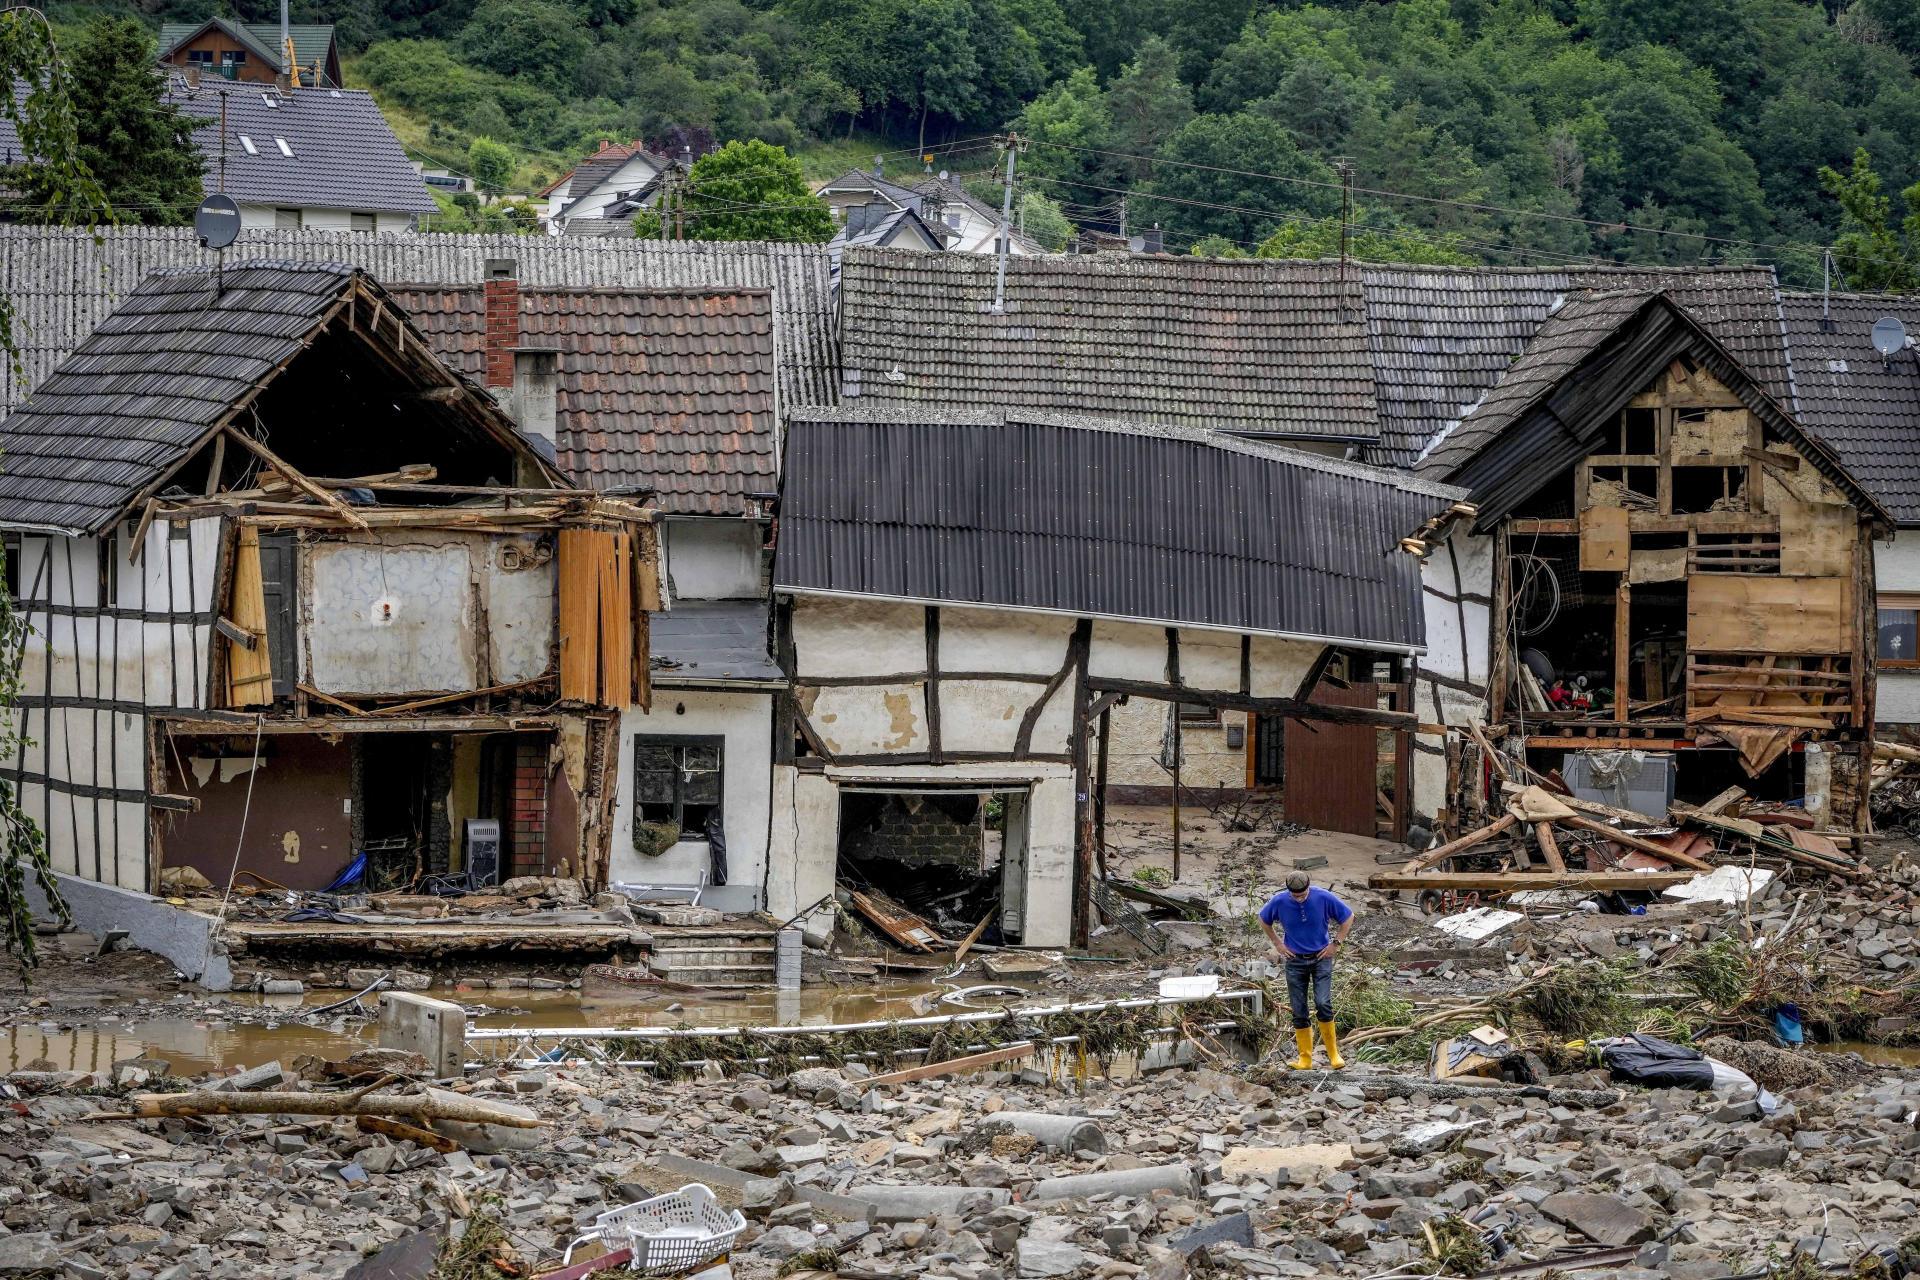 Des maisons du village de Schuld, en Allemagne, détruites par les inondations, le 15 juillet 2021.